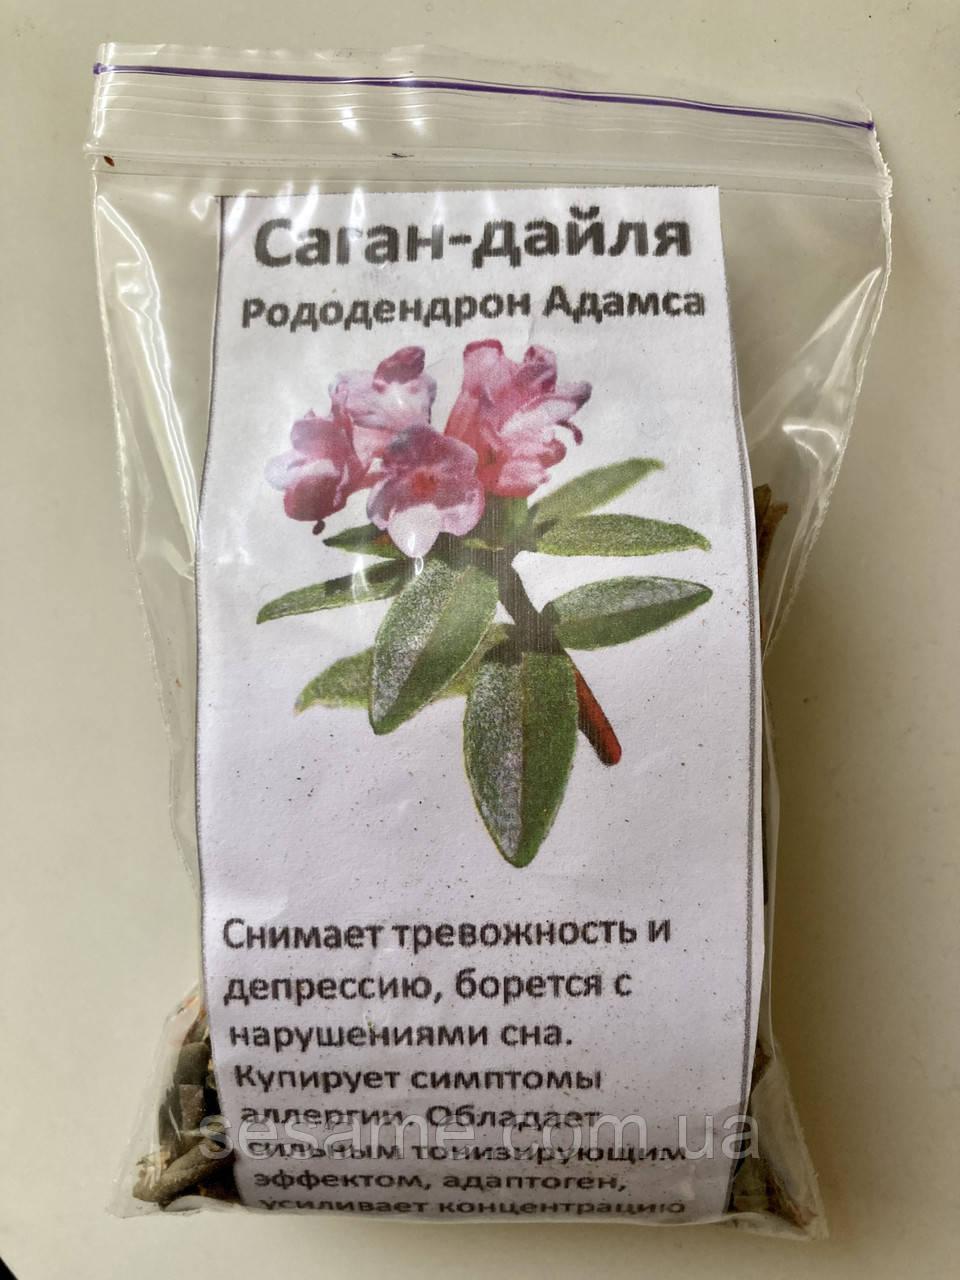 Саган Дайля, белое крыло , тибетский чай 10 грамм